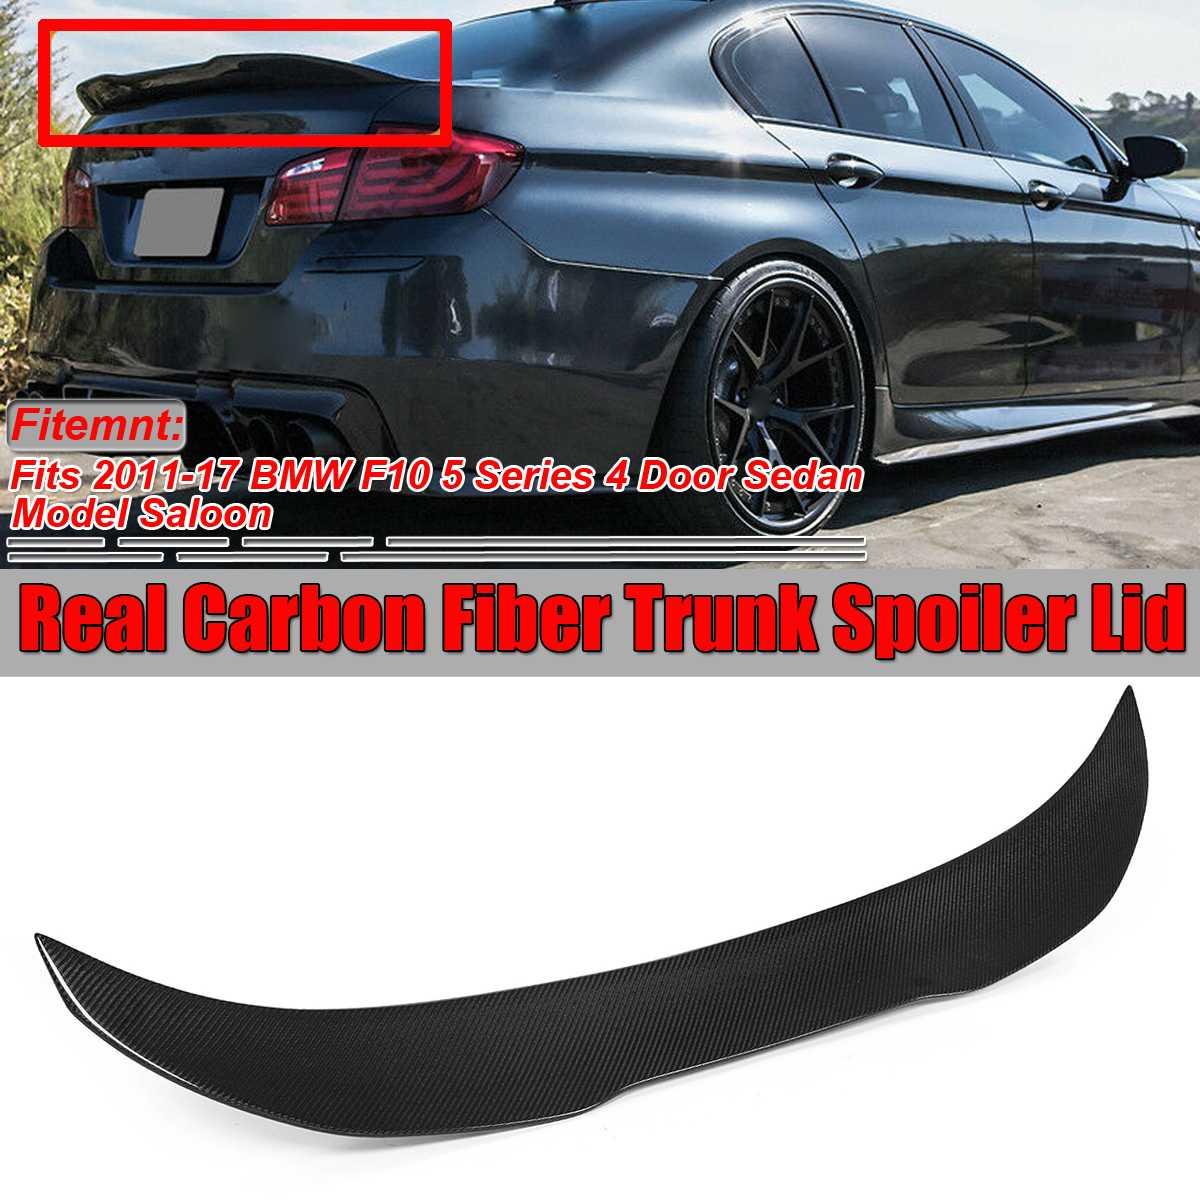 新しい PSM スタイルリアルカーボン繊維 F10 車のリアトランク Boot リップ Bmw F10 スポイラーウイング蓋 5 シリーズ 4 Dr セダン 2011-2017